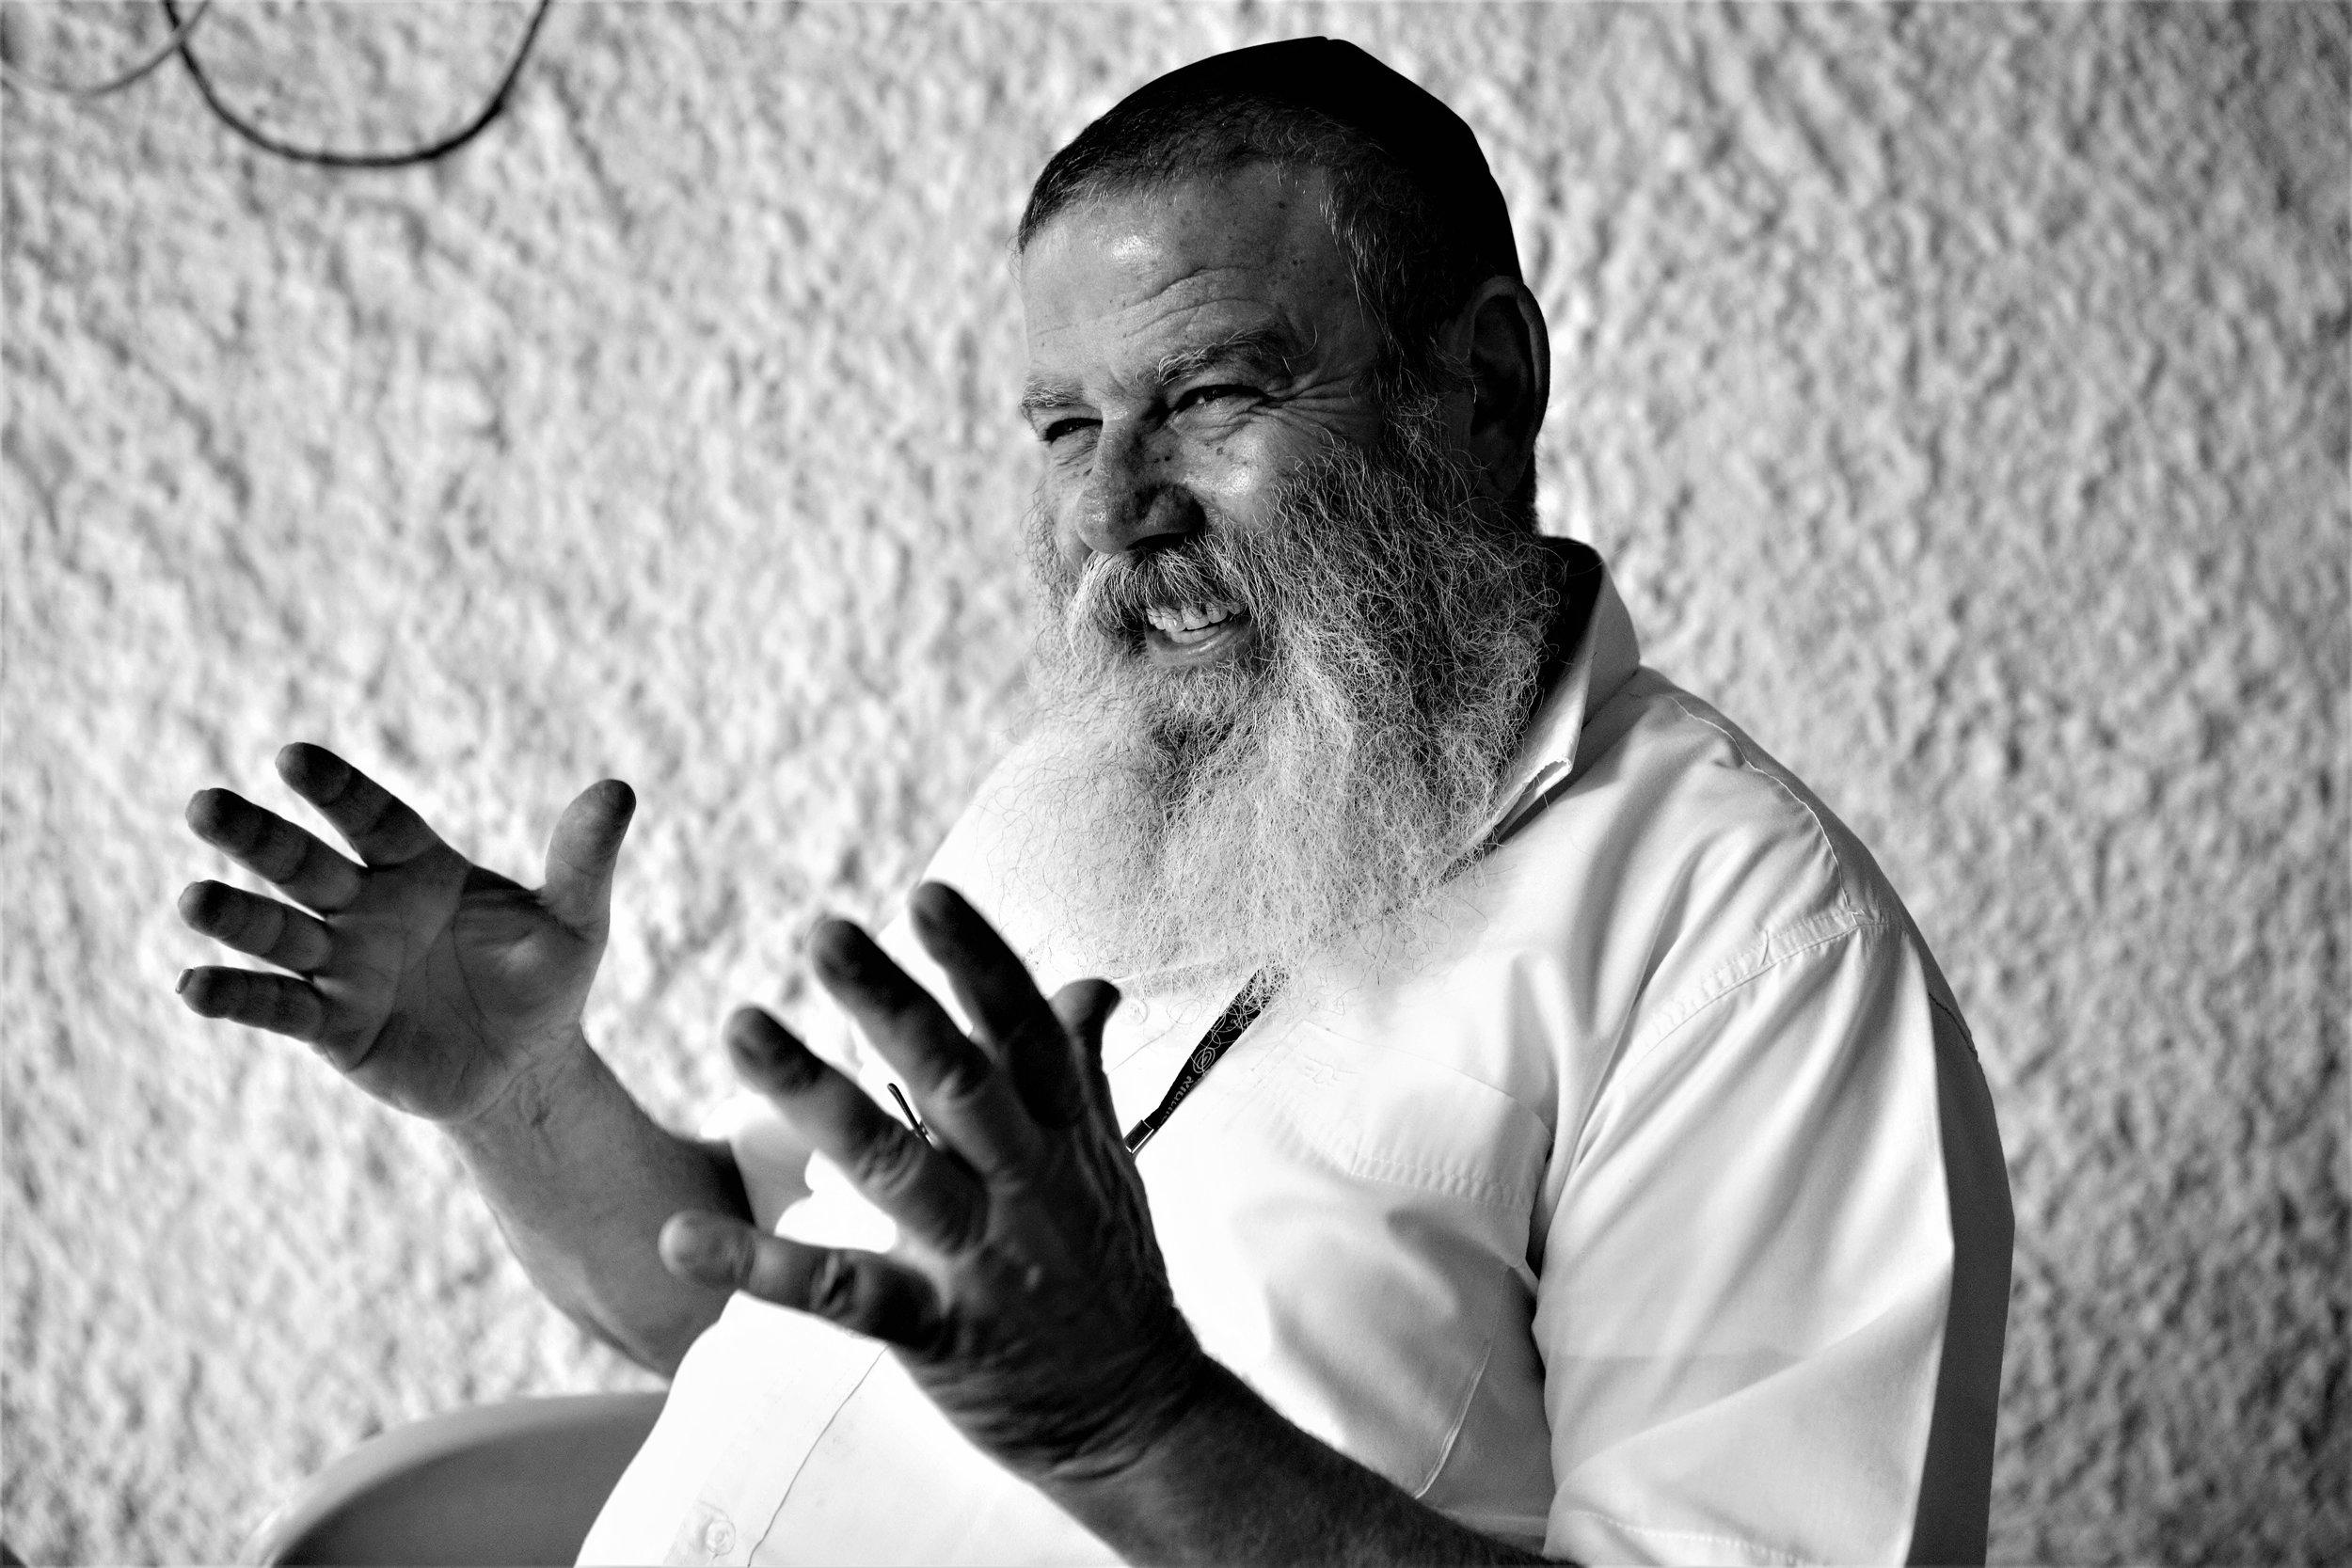 Moshe Kimche im Gespräch mit Schöner Saufen.